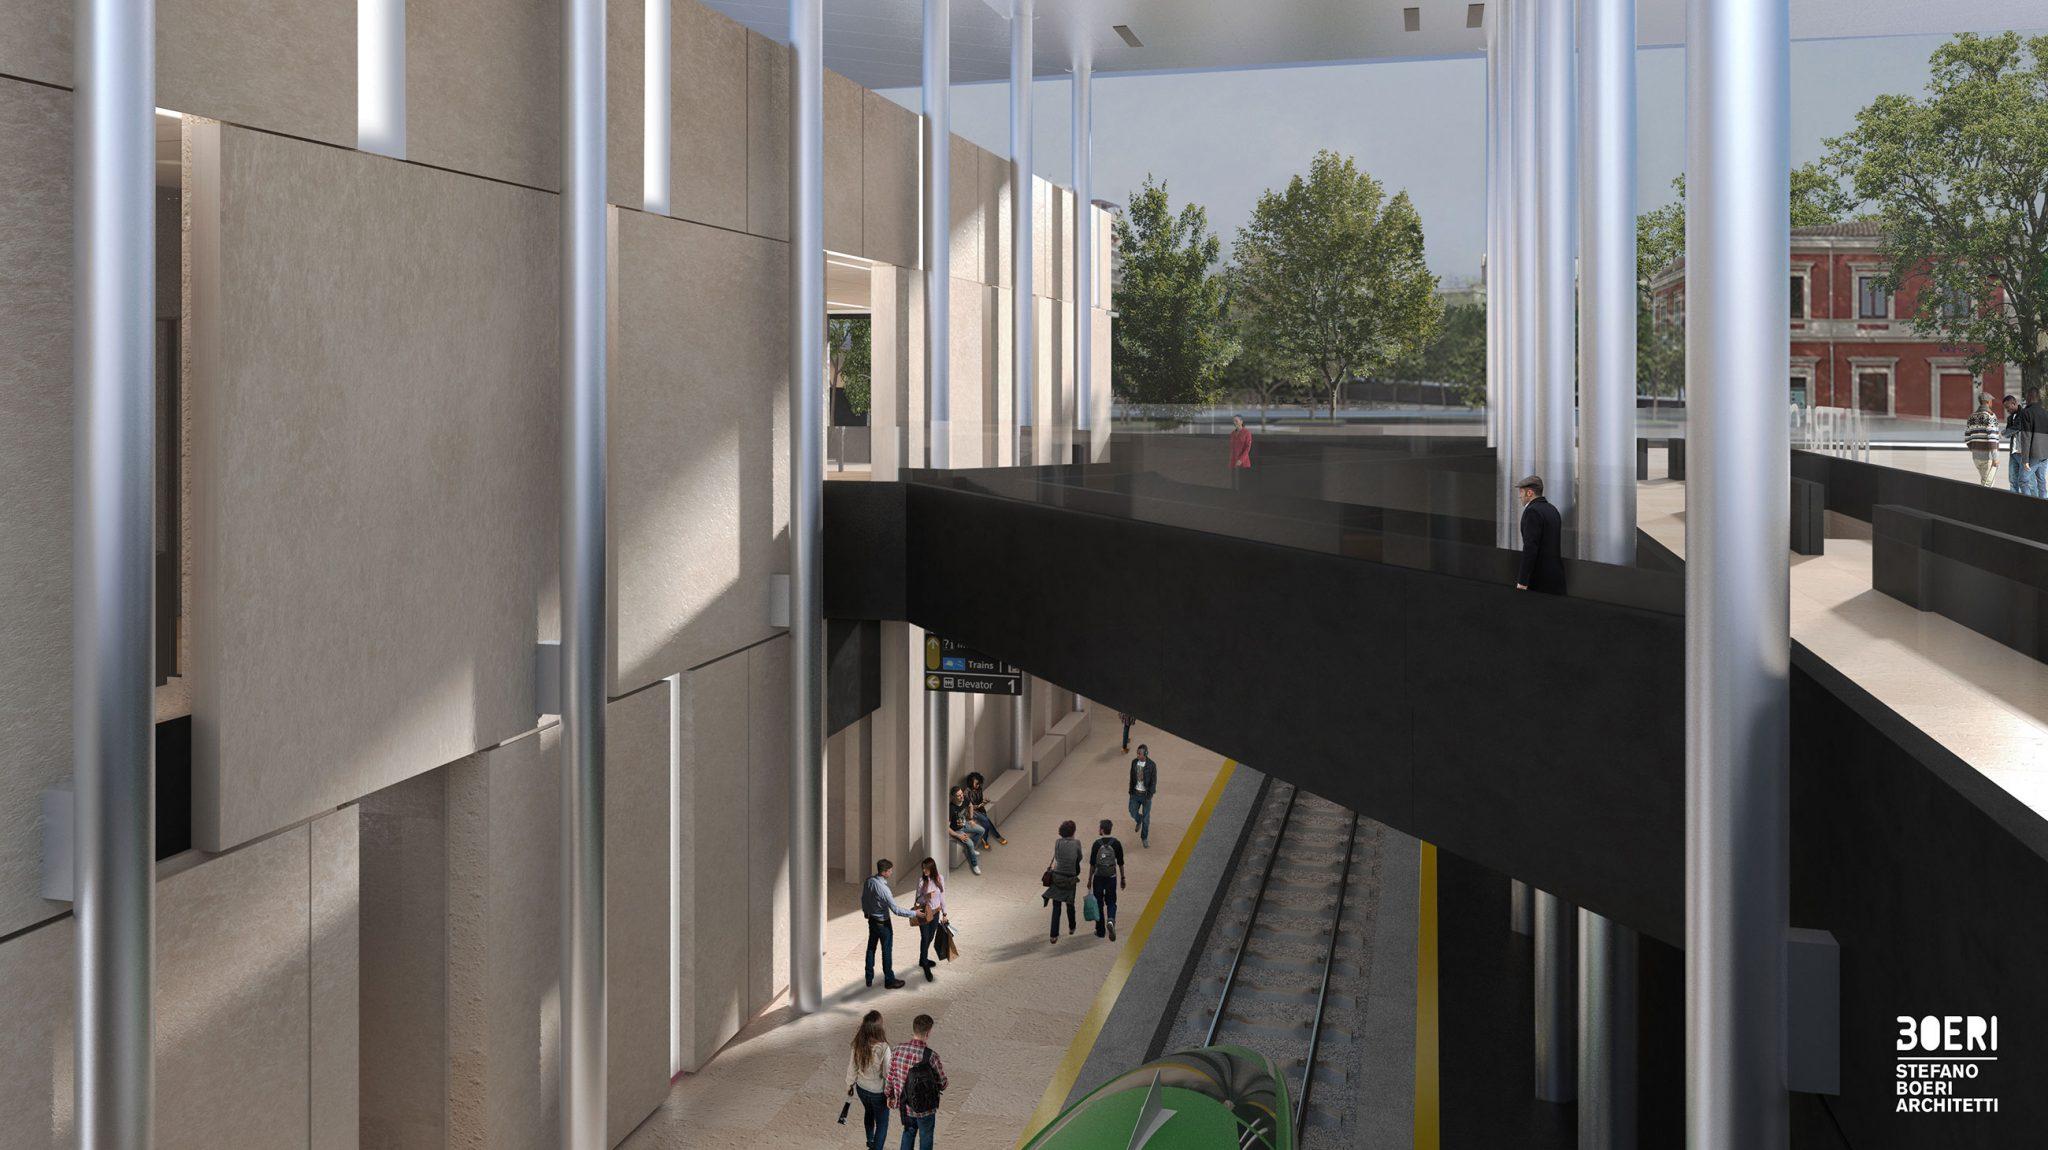 Matera Fal Central Station Stefano Boeri Architetti